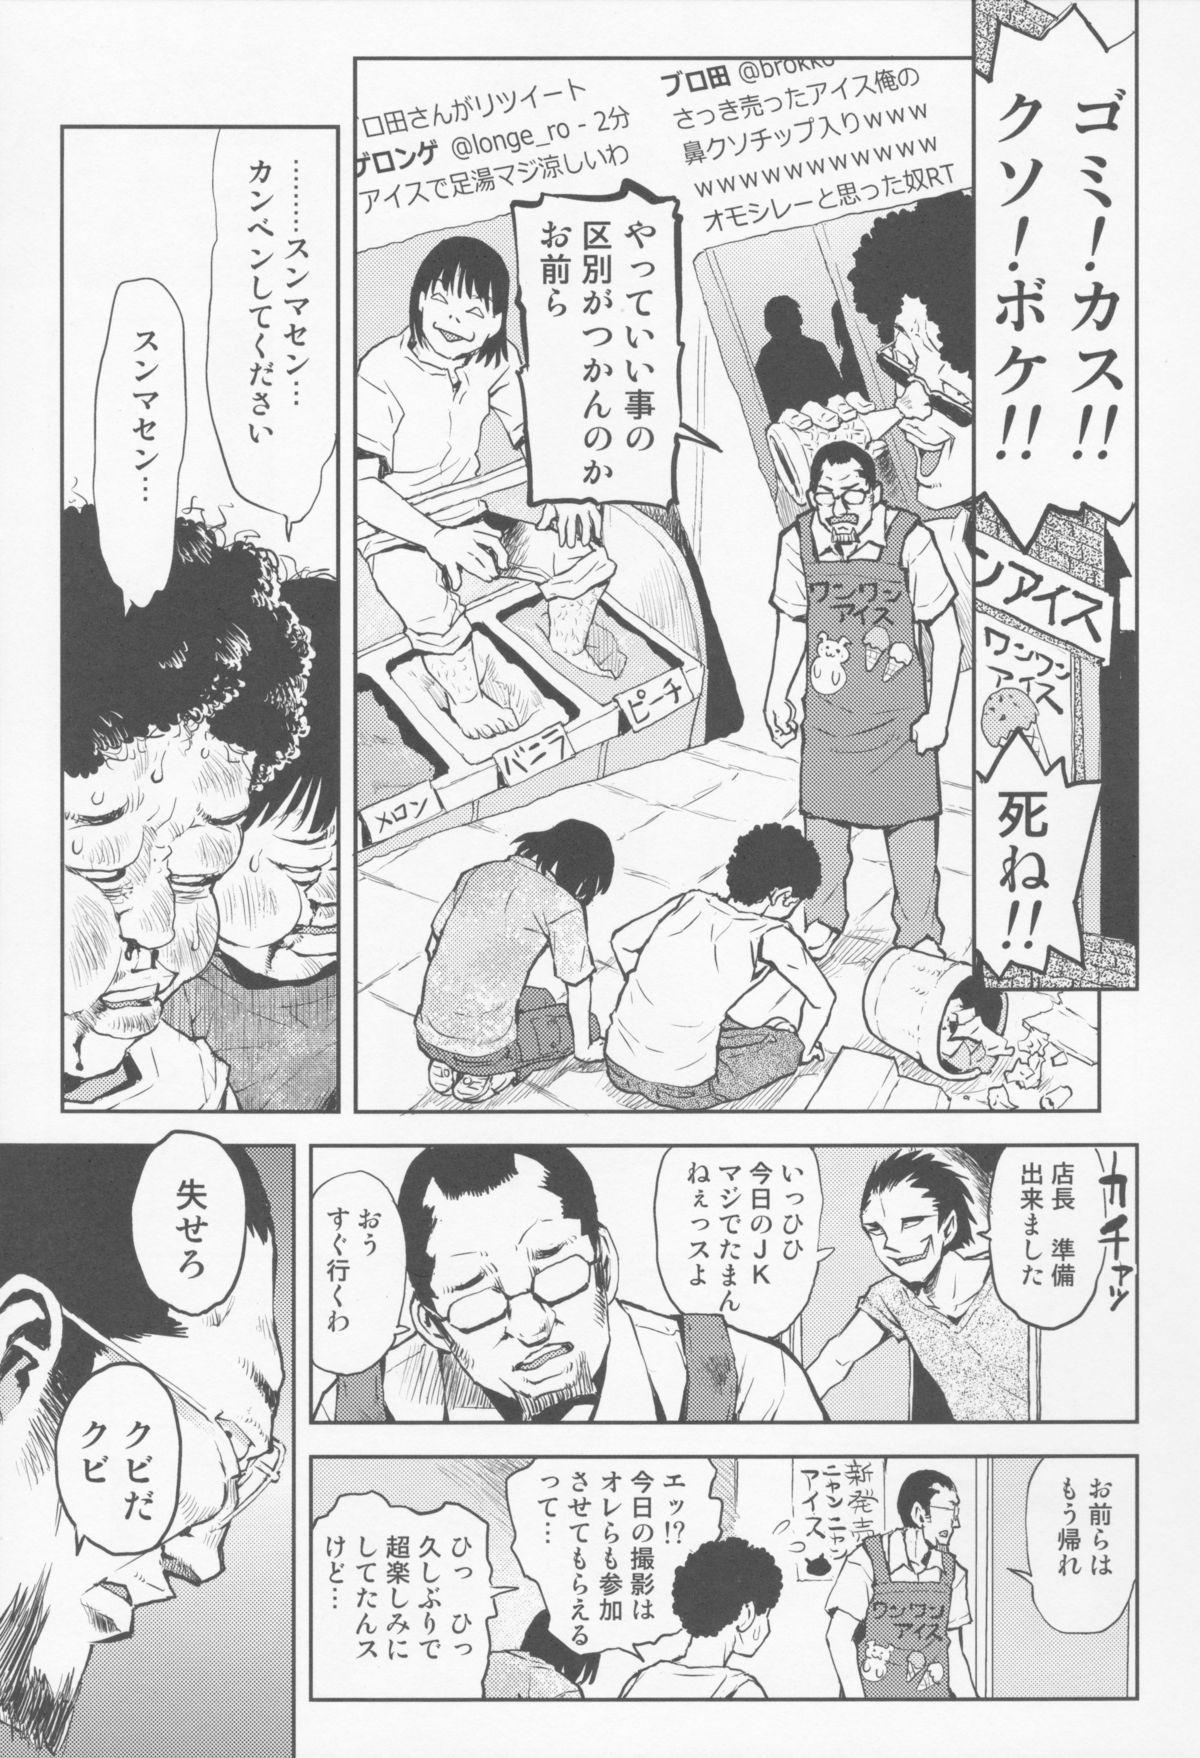 Tenchou no Musume 4